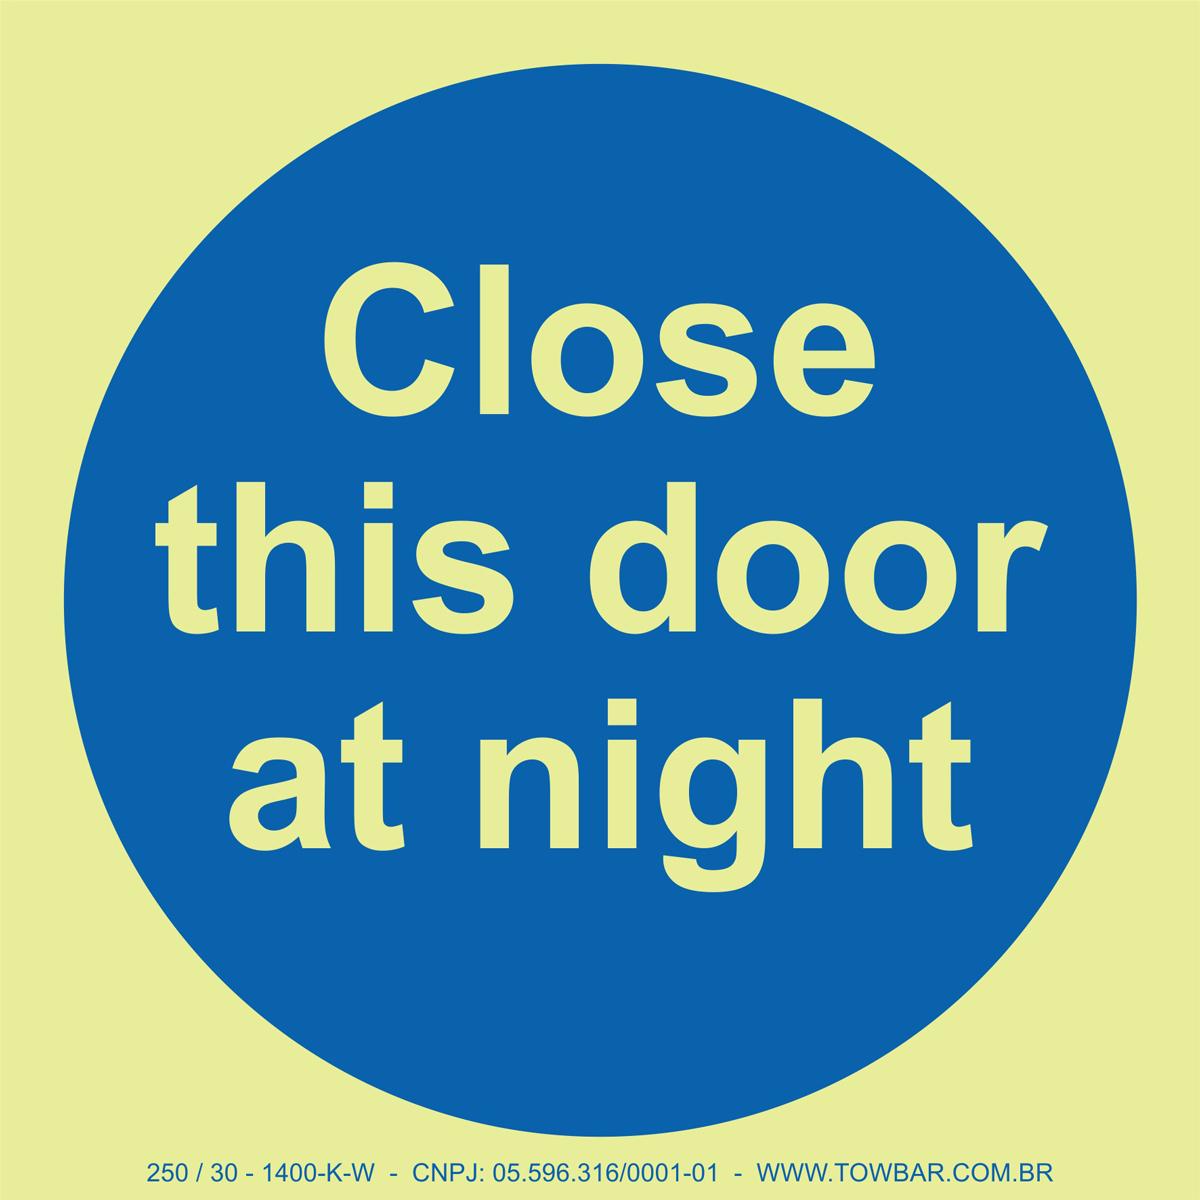 Close this door at night  - Towbar Sinalização de Segurança